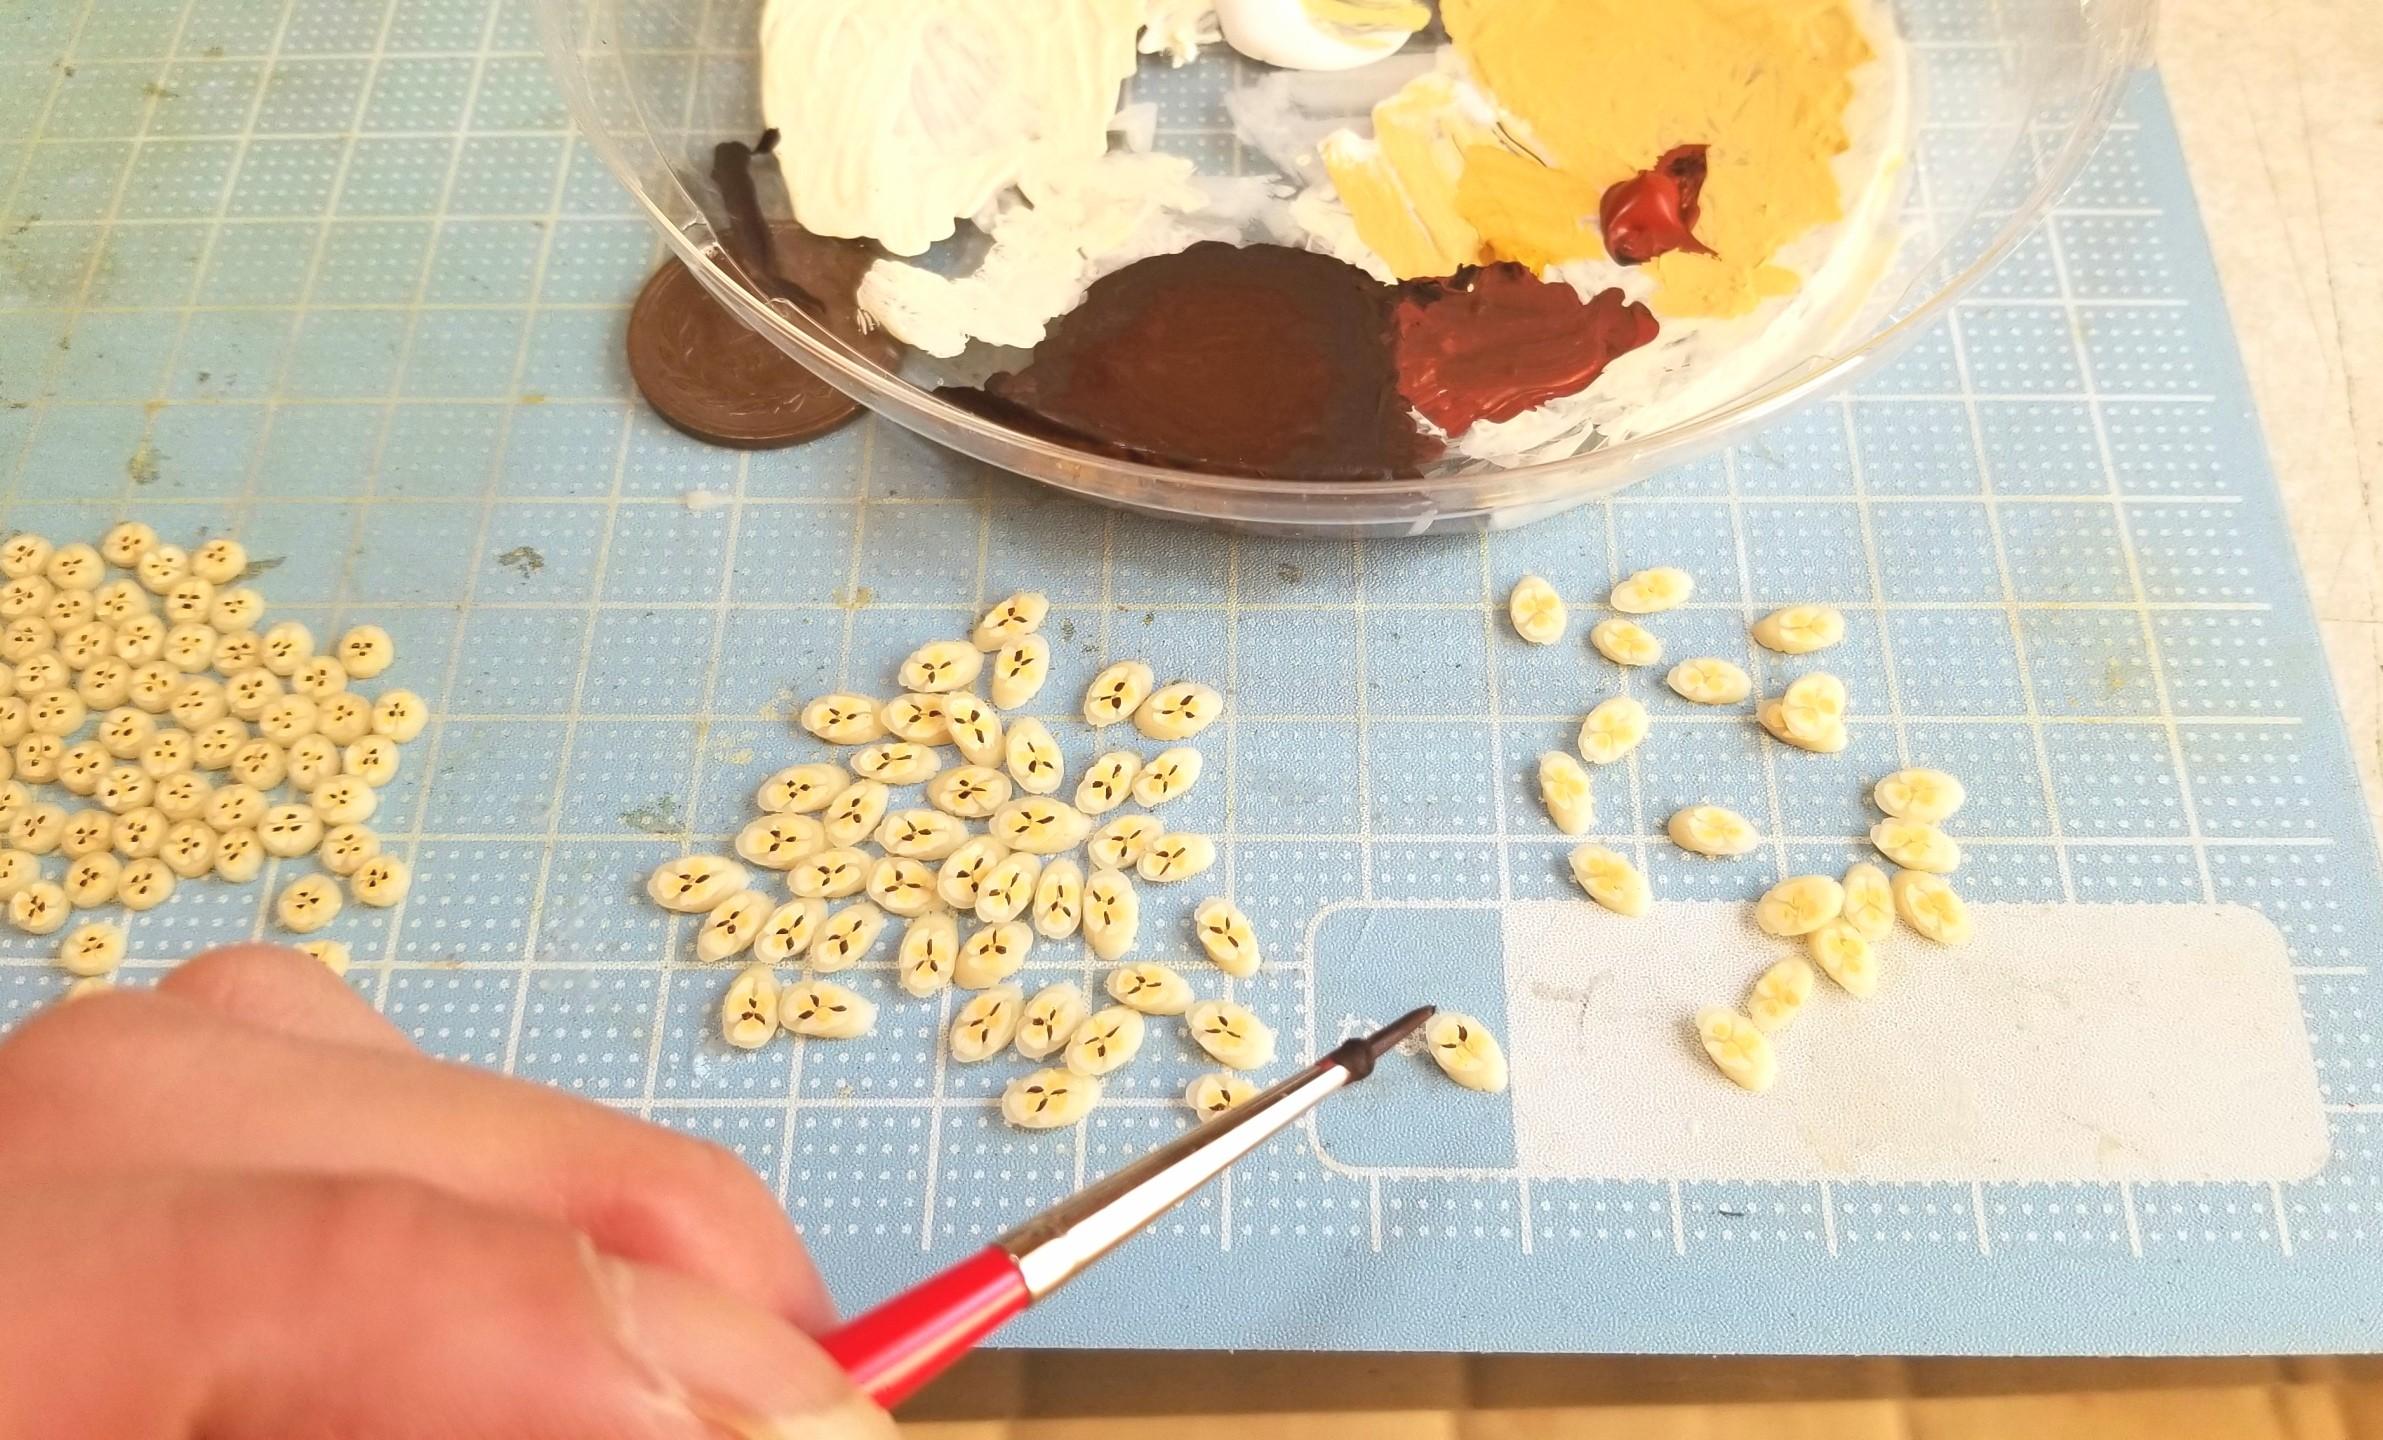 ミニチュアフード,スライスバナナ,作り方,樹脂粘土,ハンドメイド